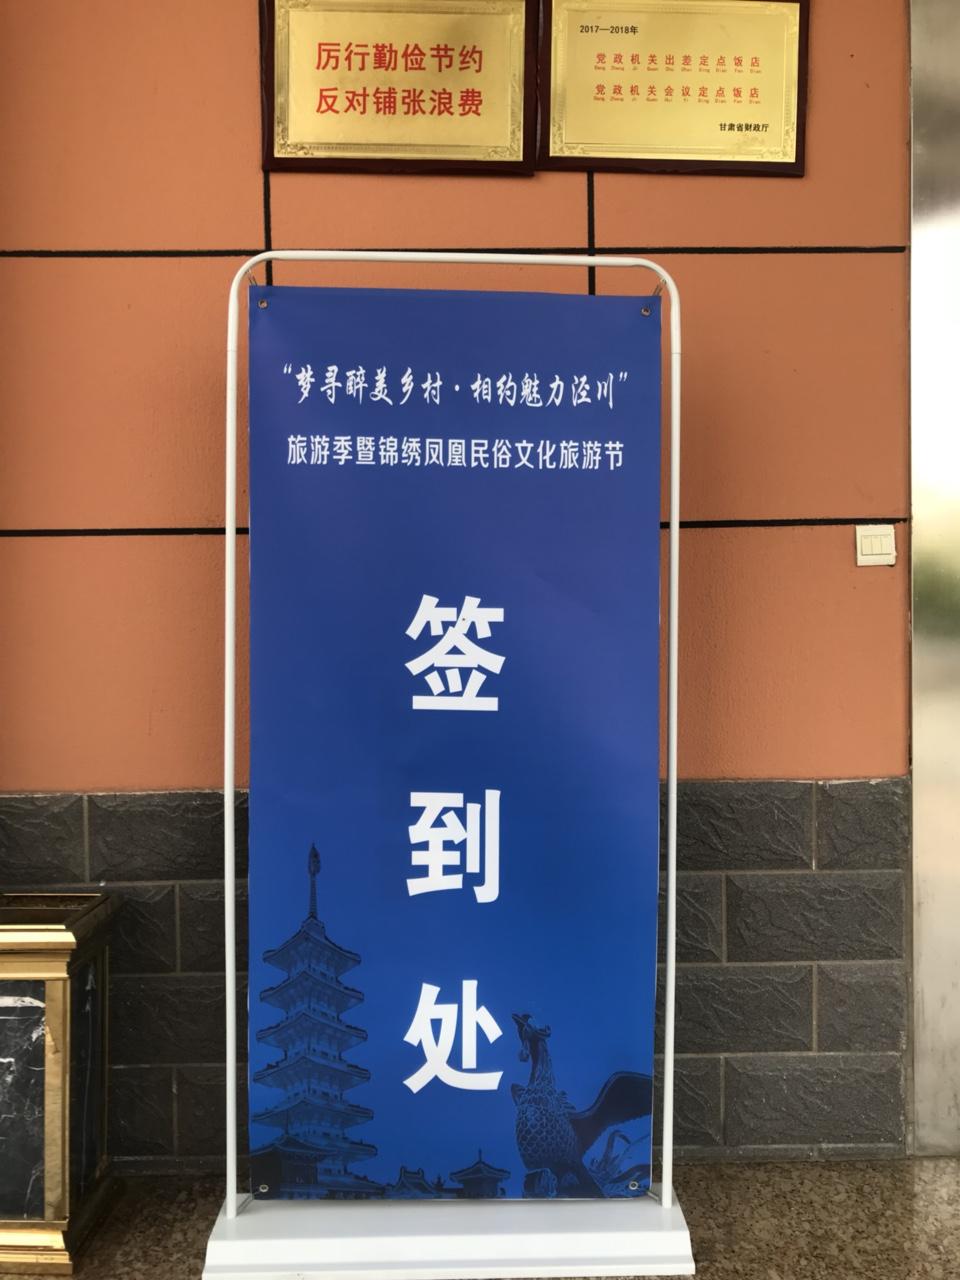 张家川在线受泾川县政府邀请参加锦绣凤凰民俗文化旅游节